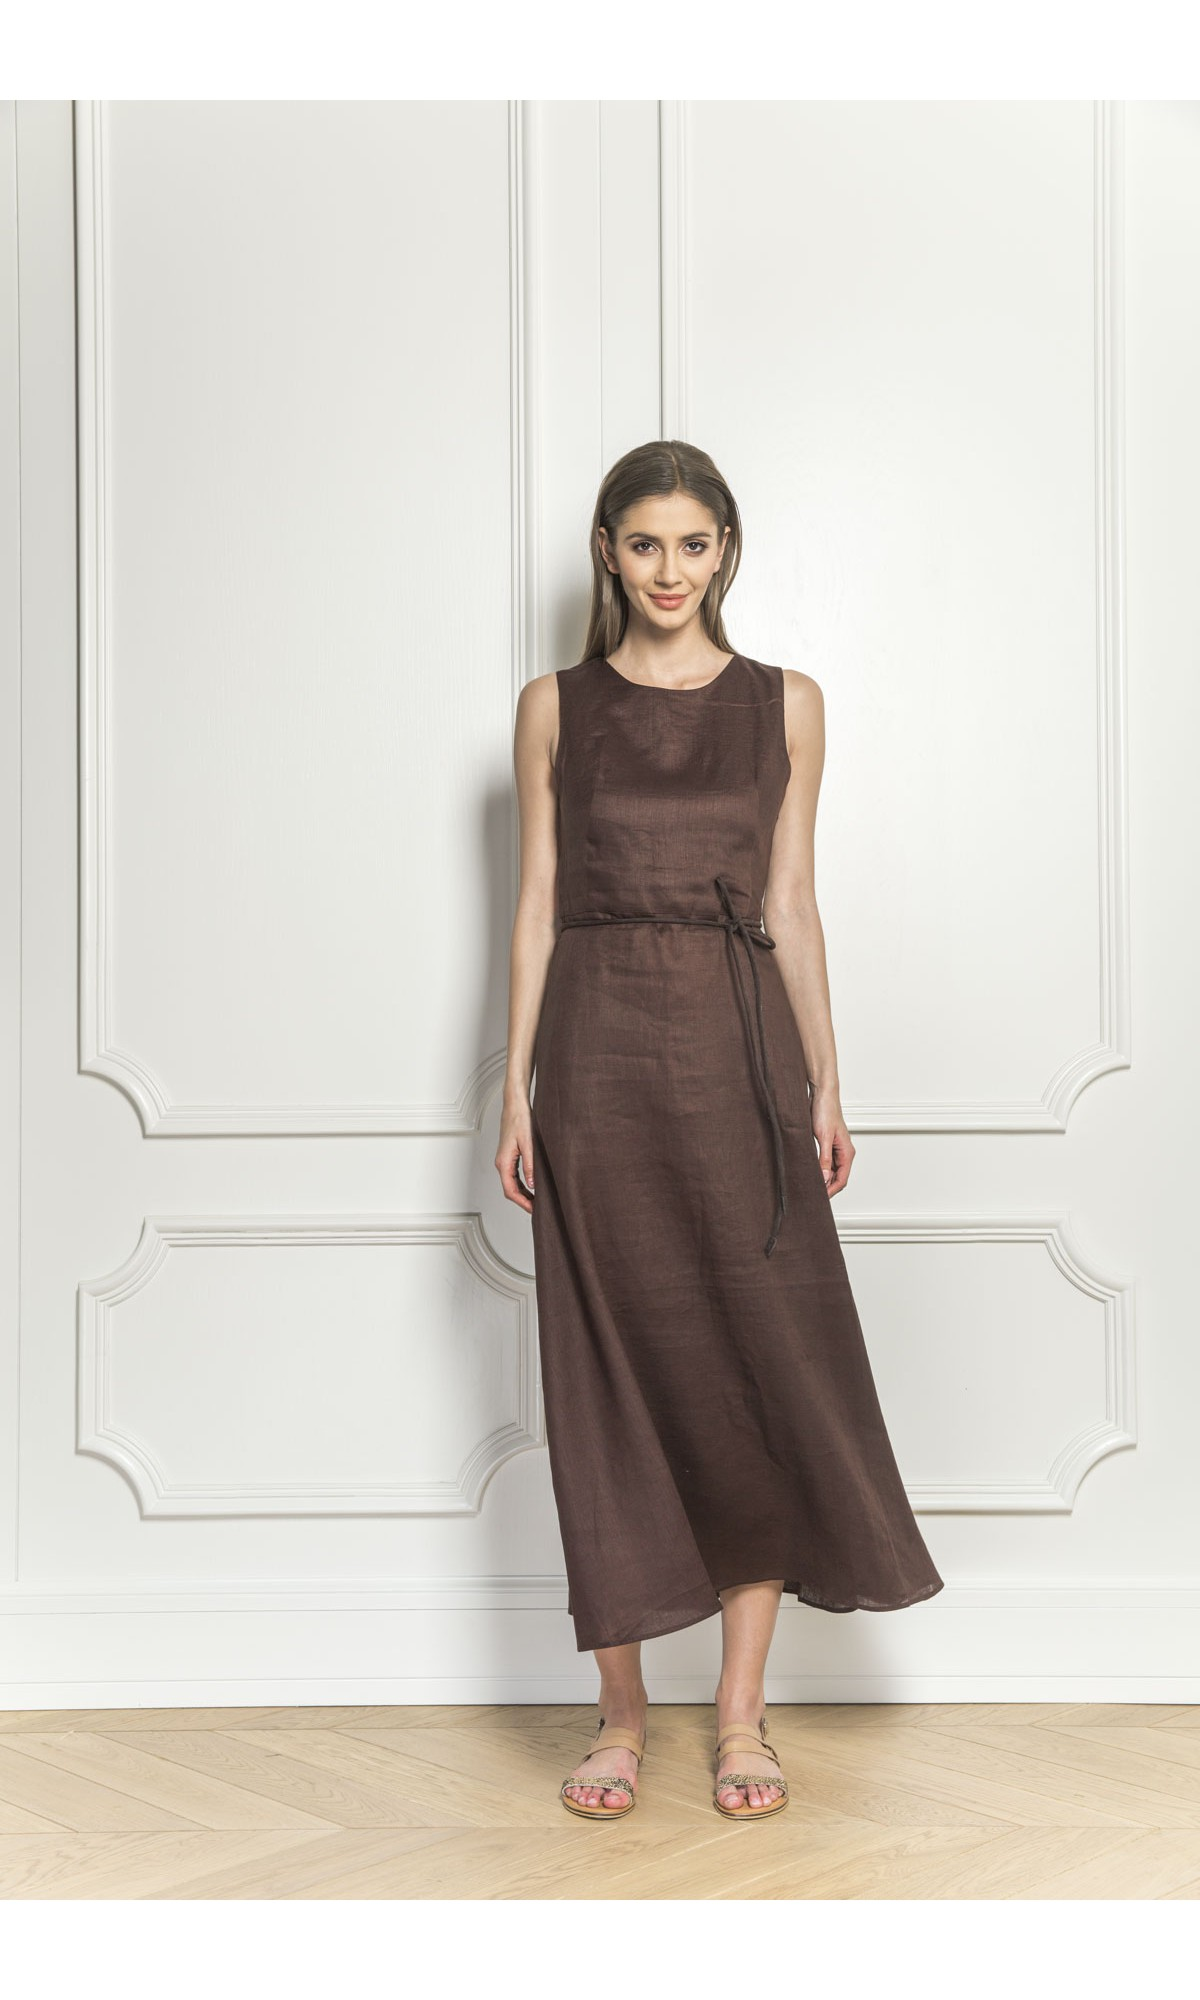 Sukienka lniana w kolorze brązowym